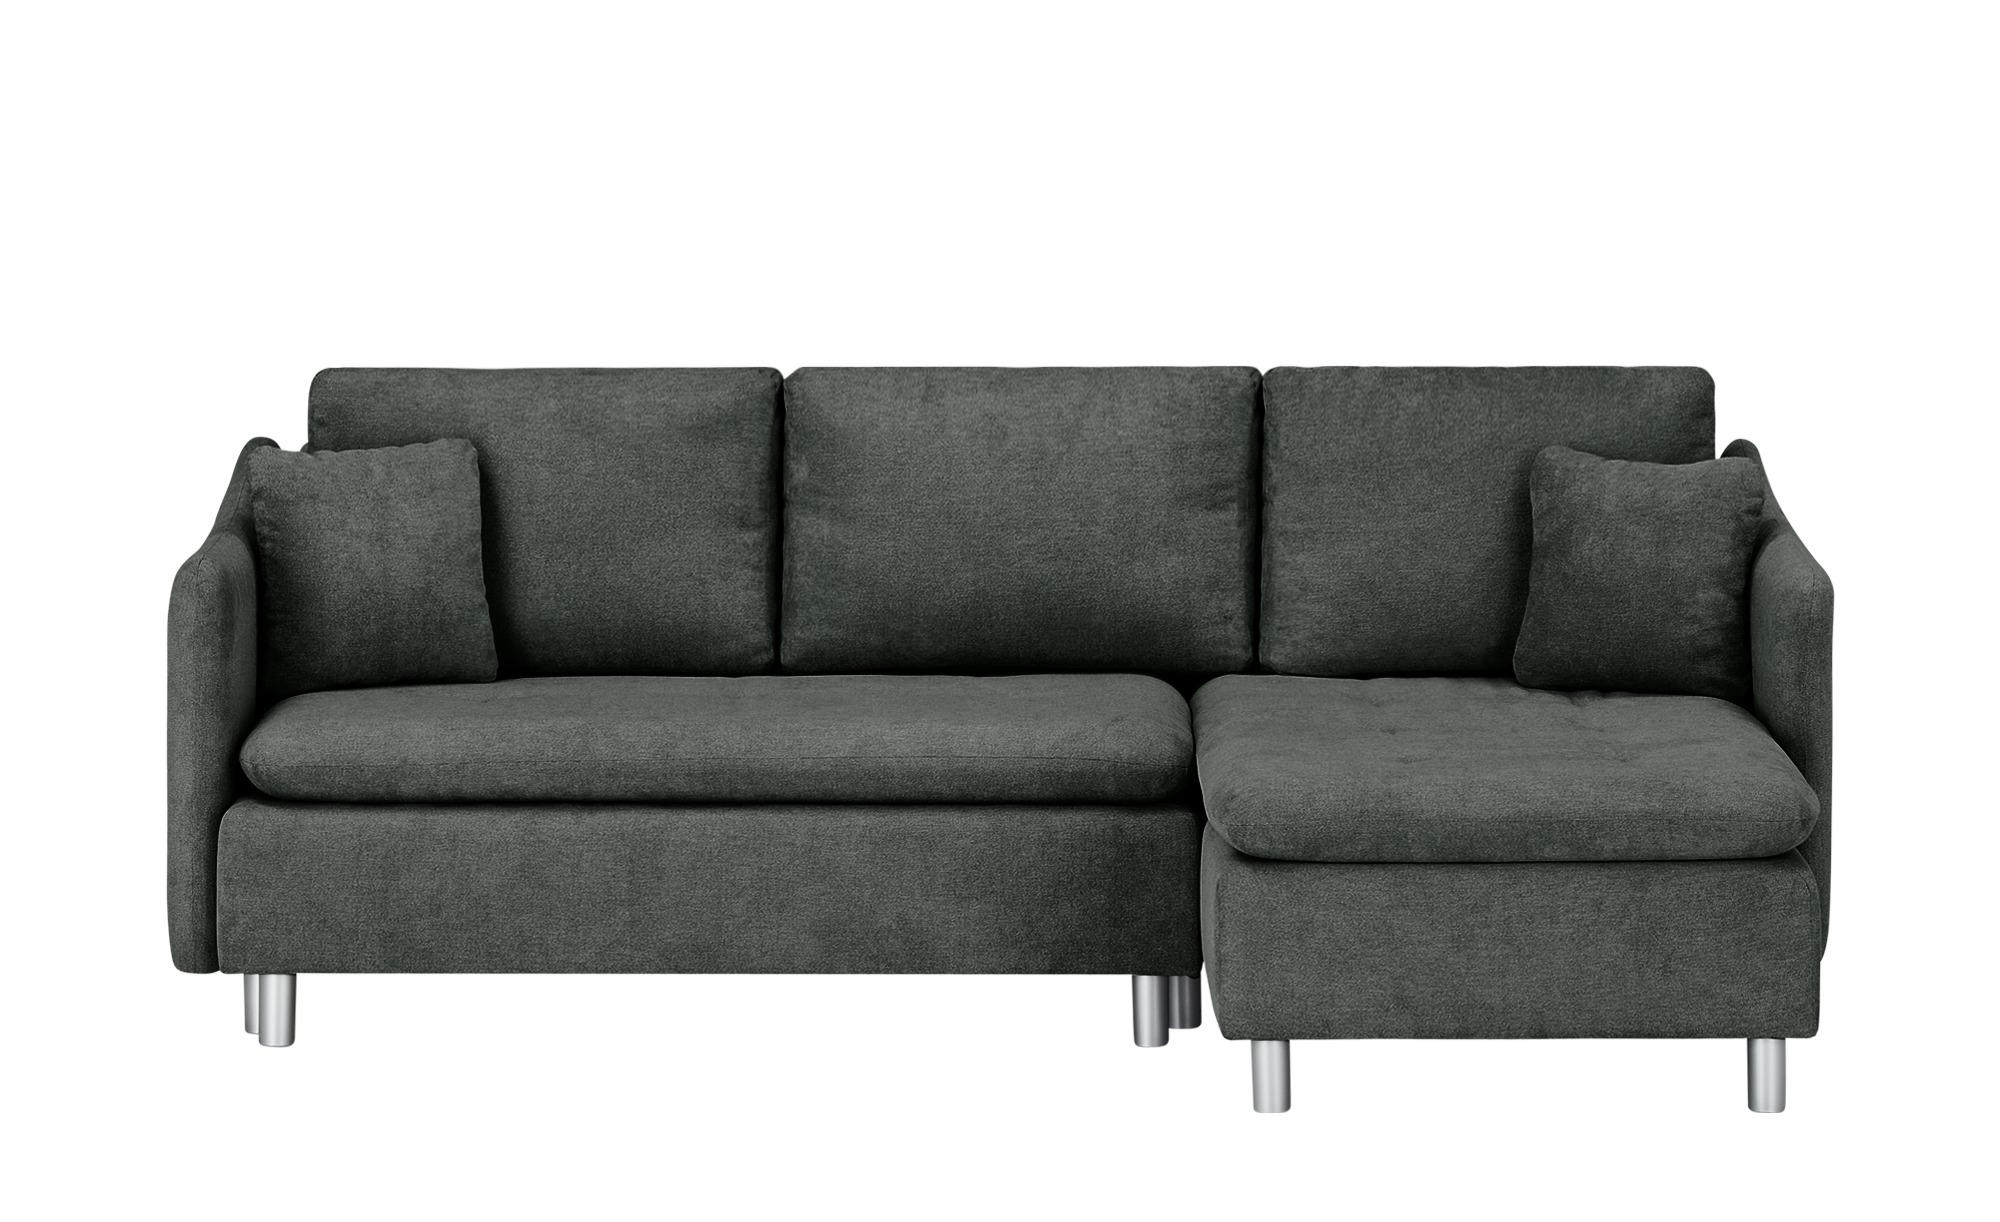 Full Size of Sofa Sitzhöhe 55 Cm Smart Ecksofa Bonamie Schwarz Machalke Günstiges Big Kaufen 3er Sitzsack Muuto Schlafsofa Liegefläche 160x200 Polster Reinigen überwurf Sofa Sofa Sitzhöhe 55 Cm